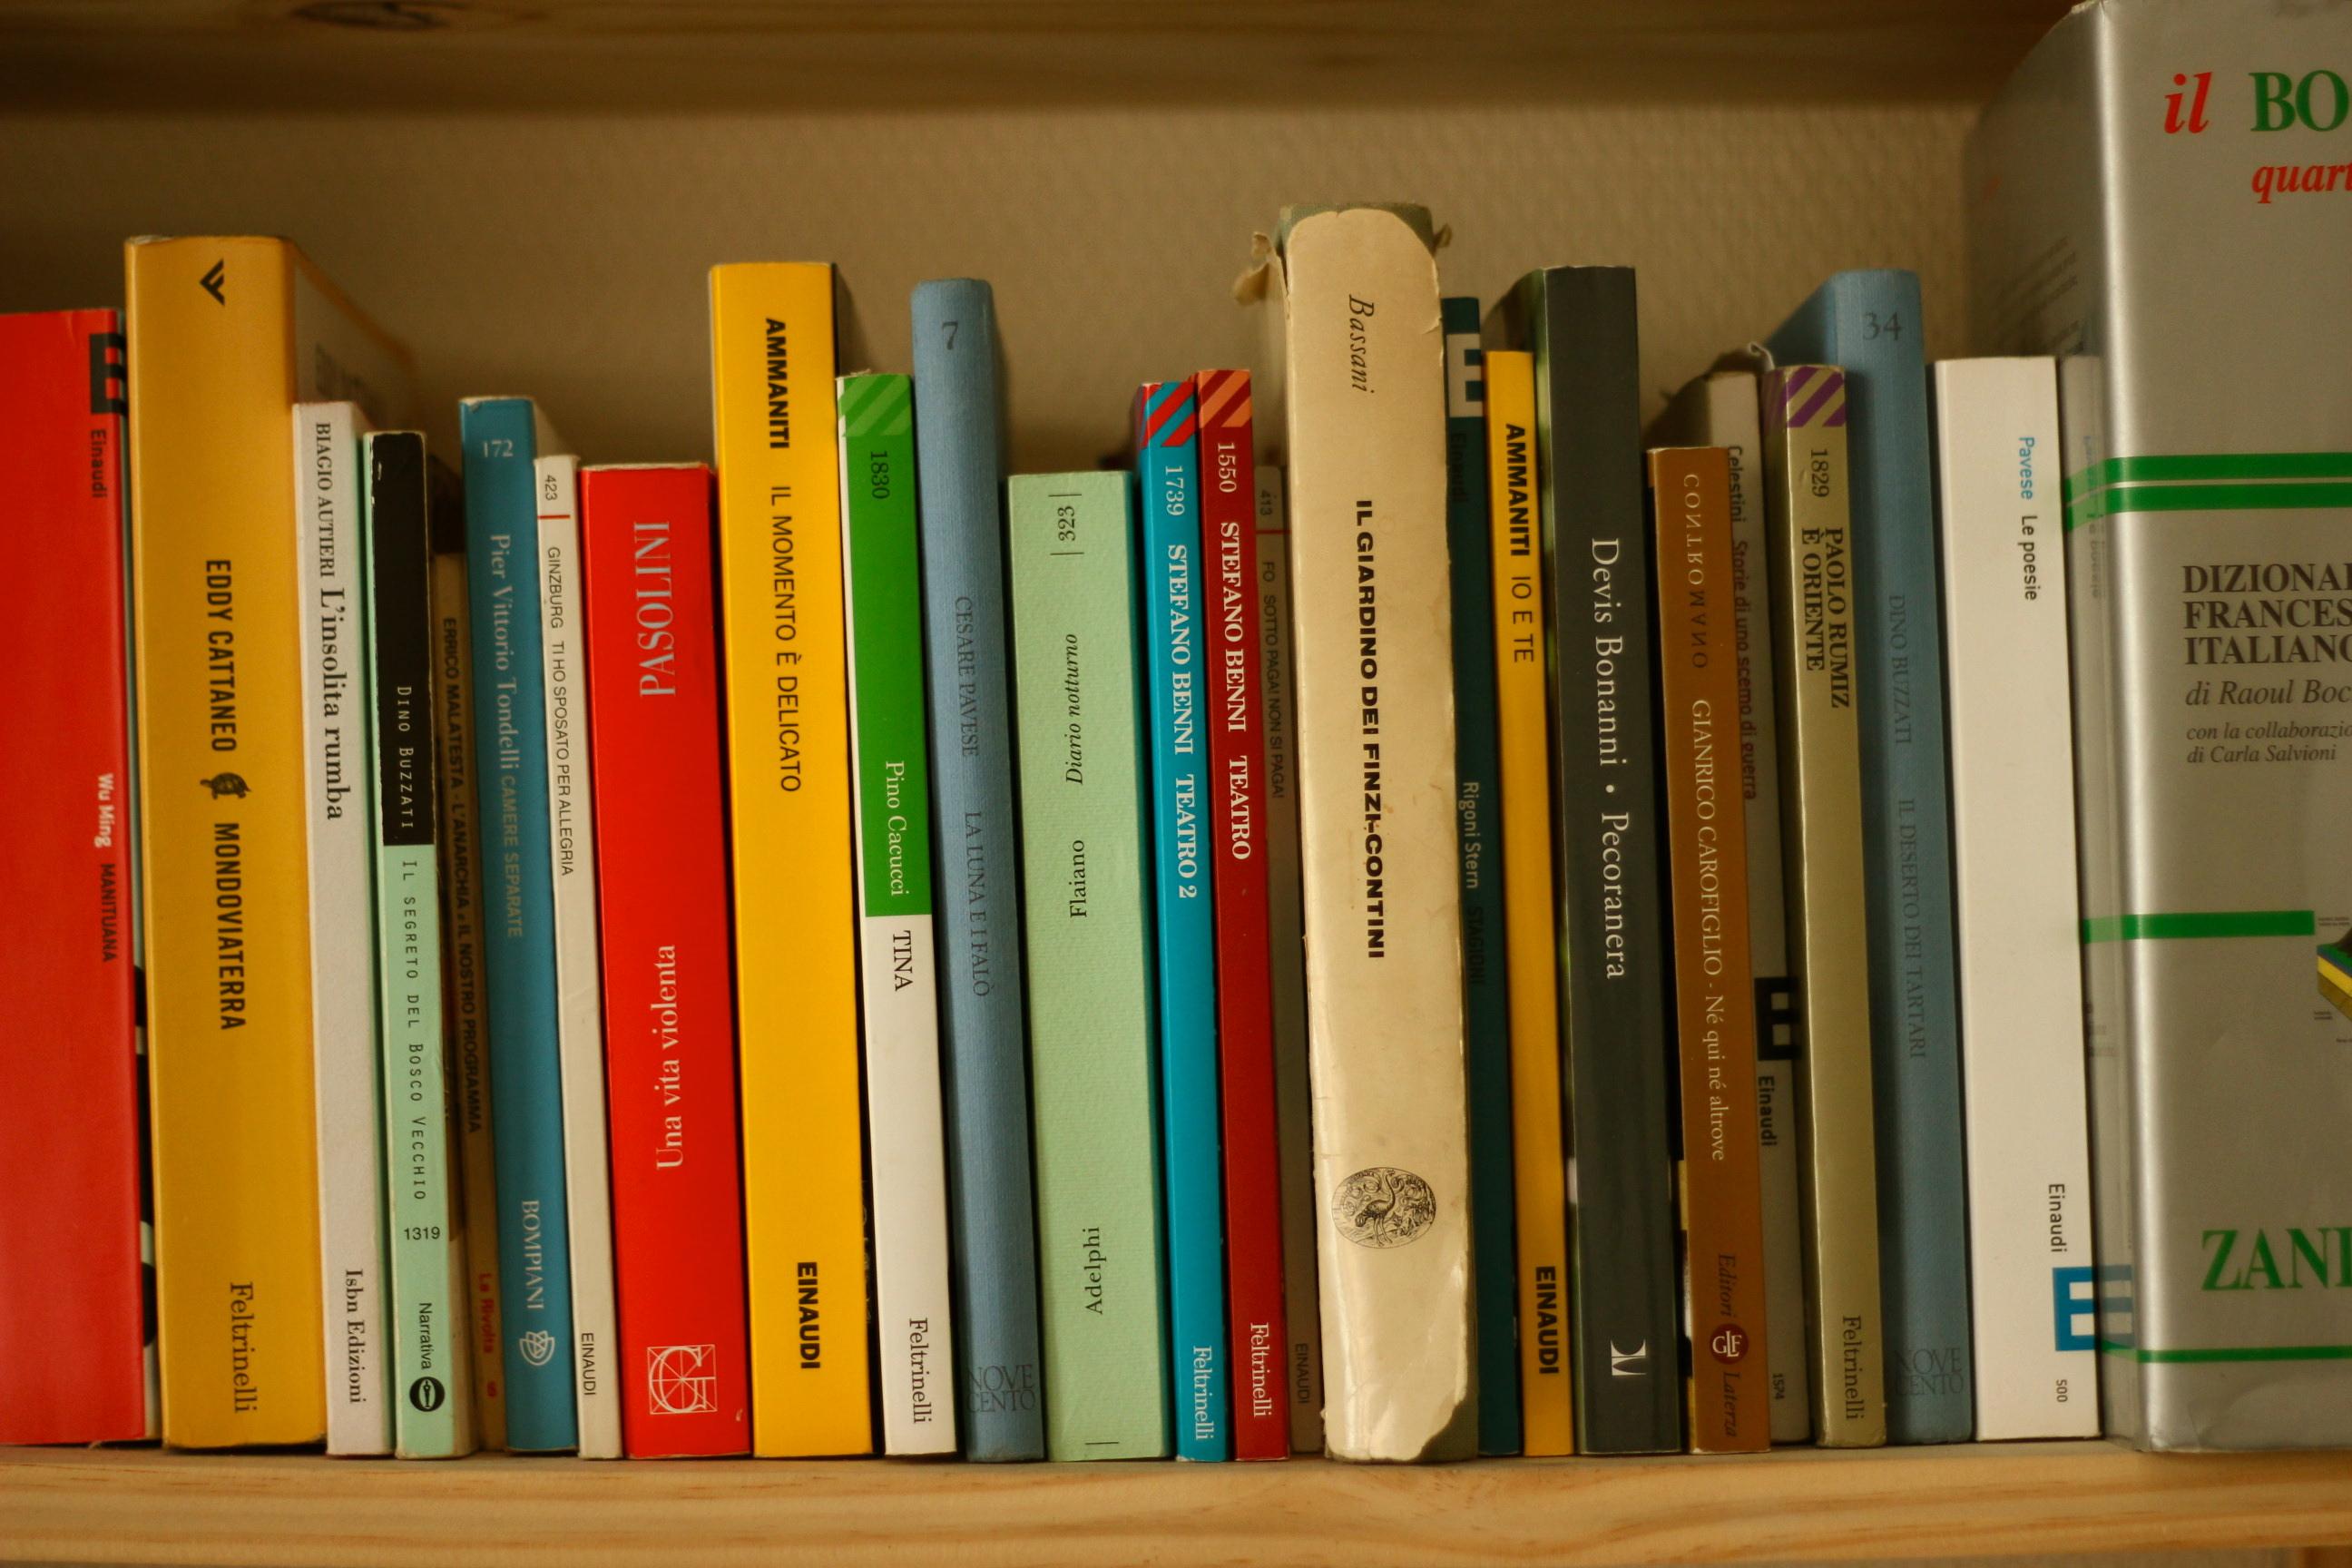 librairies italiennes Paris